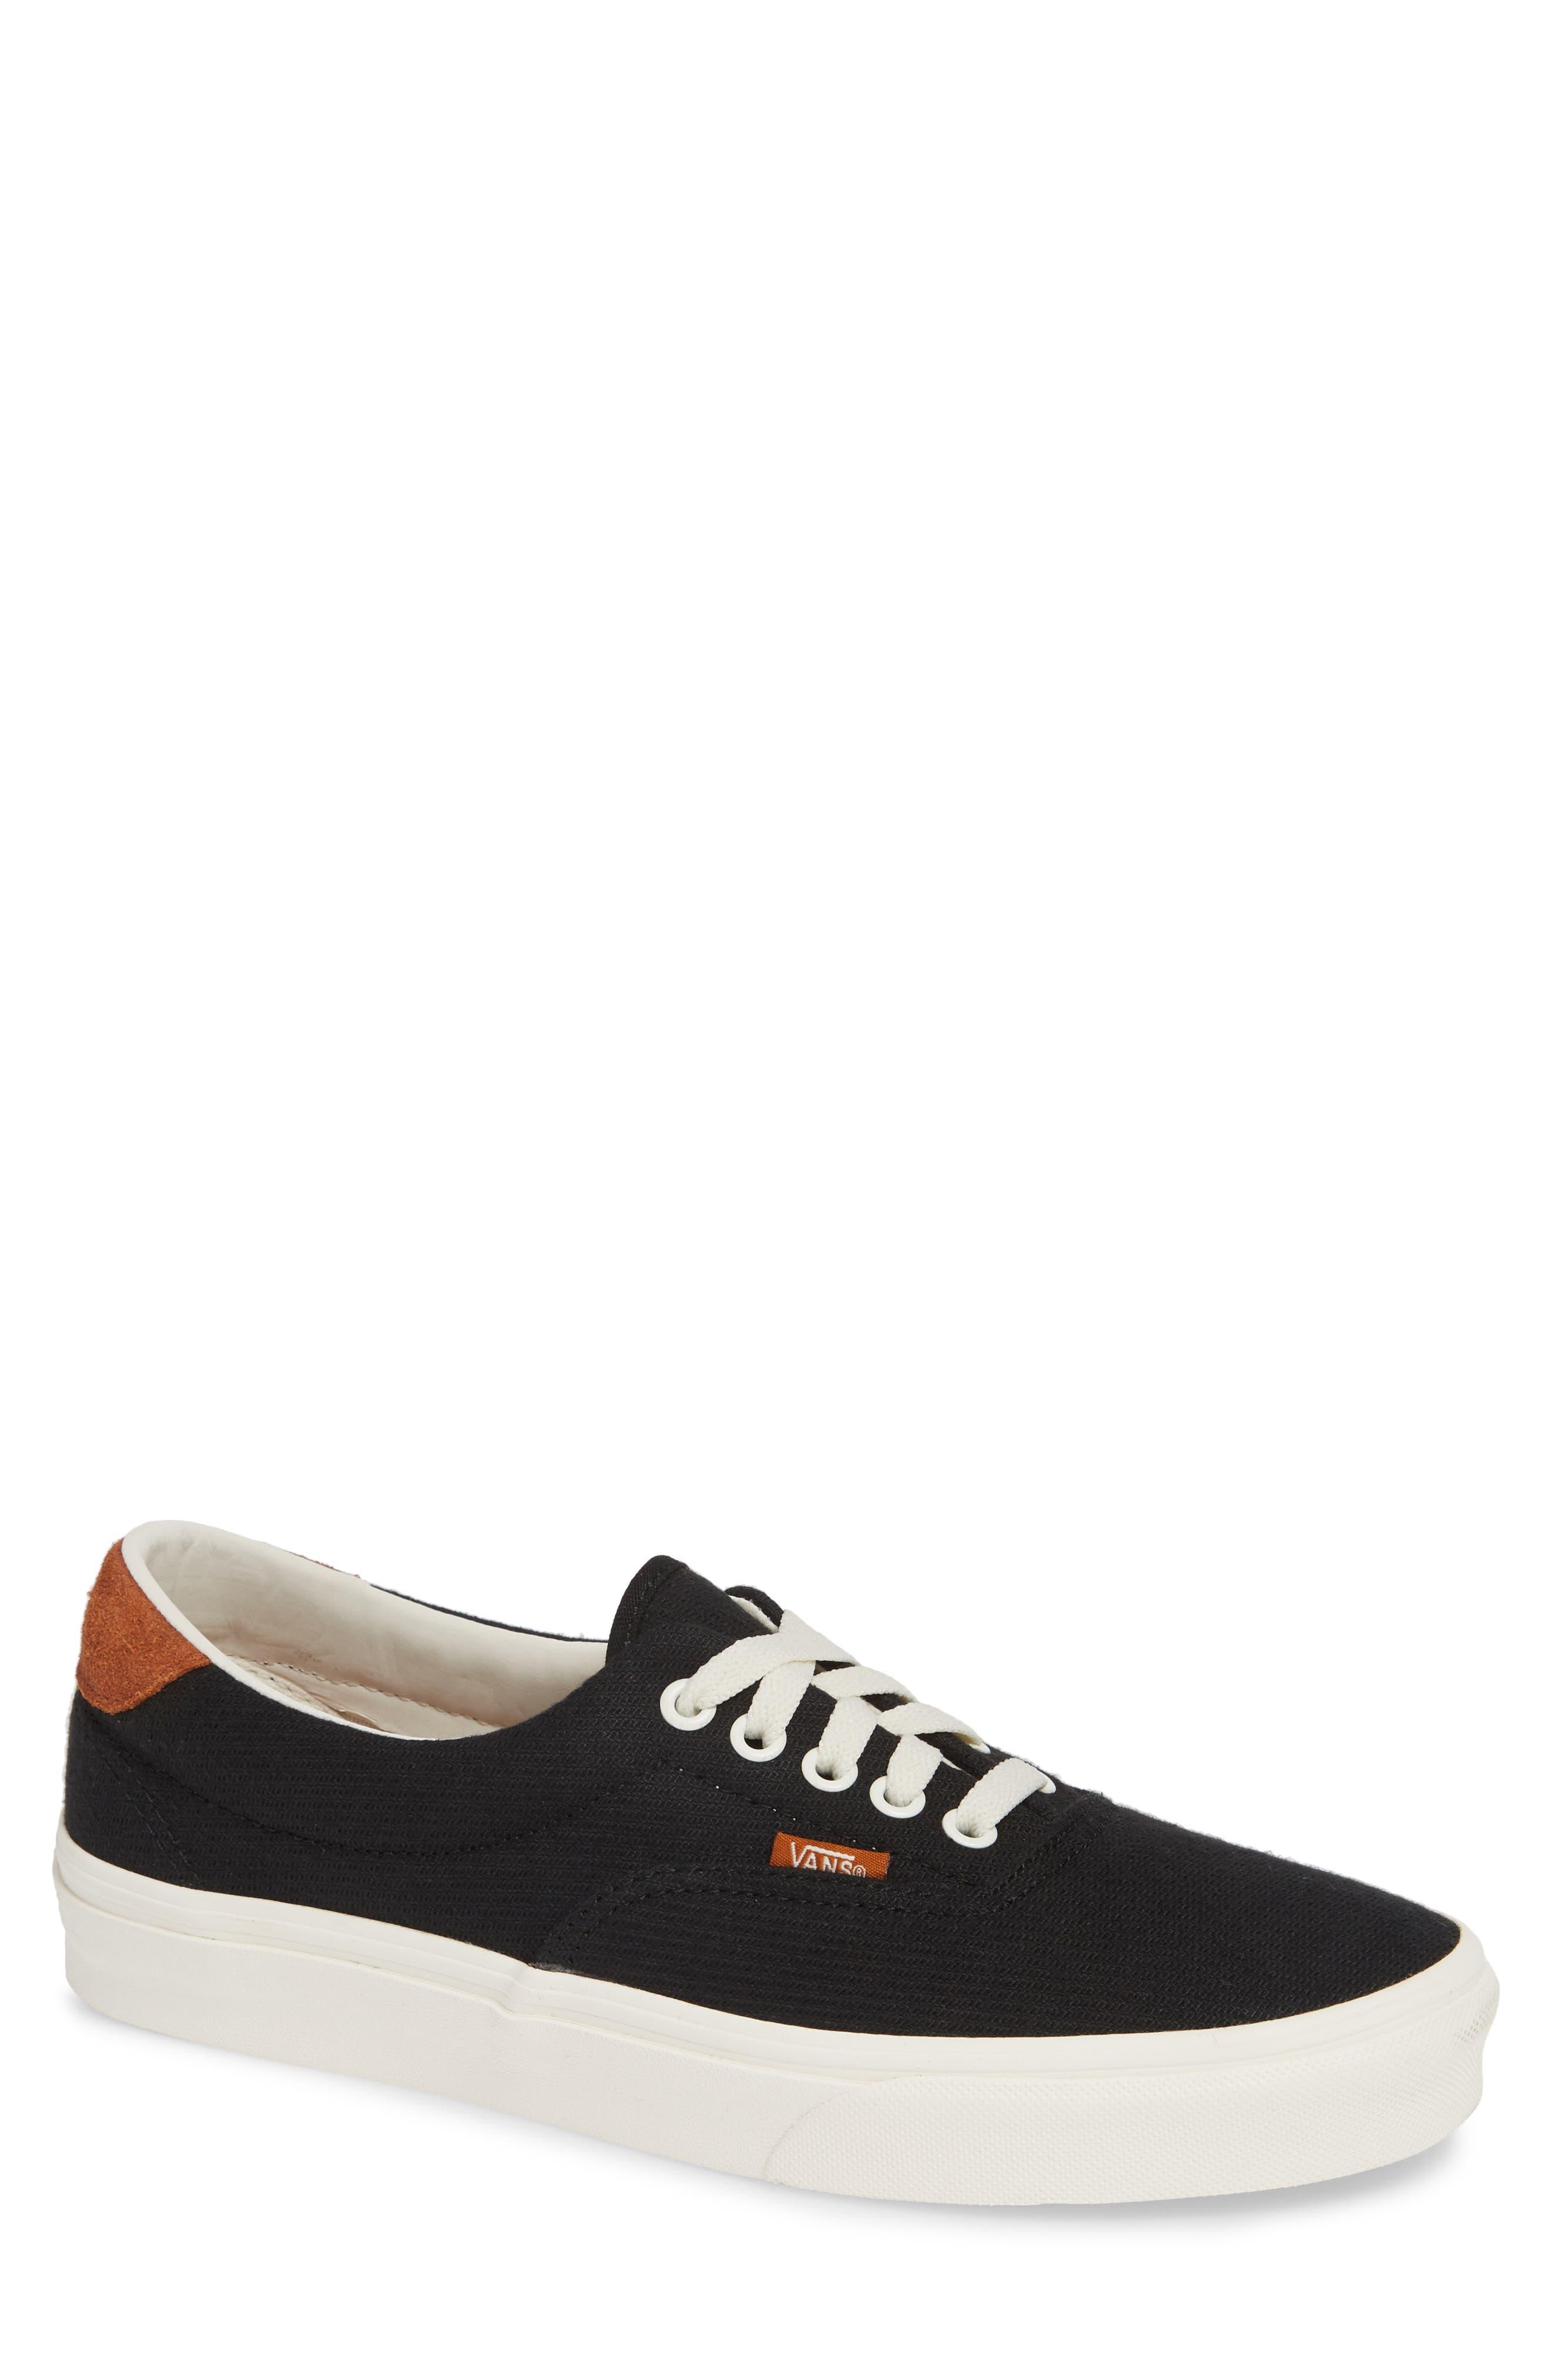 Flannel Era Sneaker,                         Main,                         color, BLACK FLANNEL FLANNEL